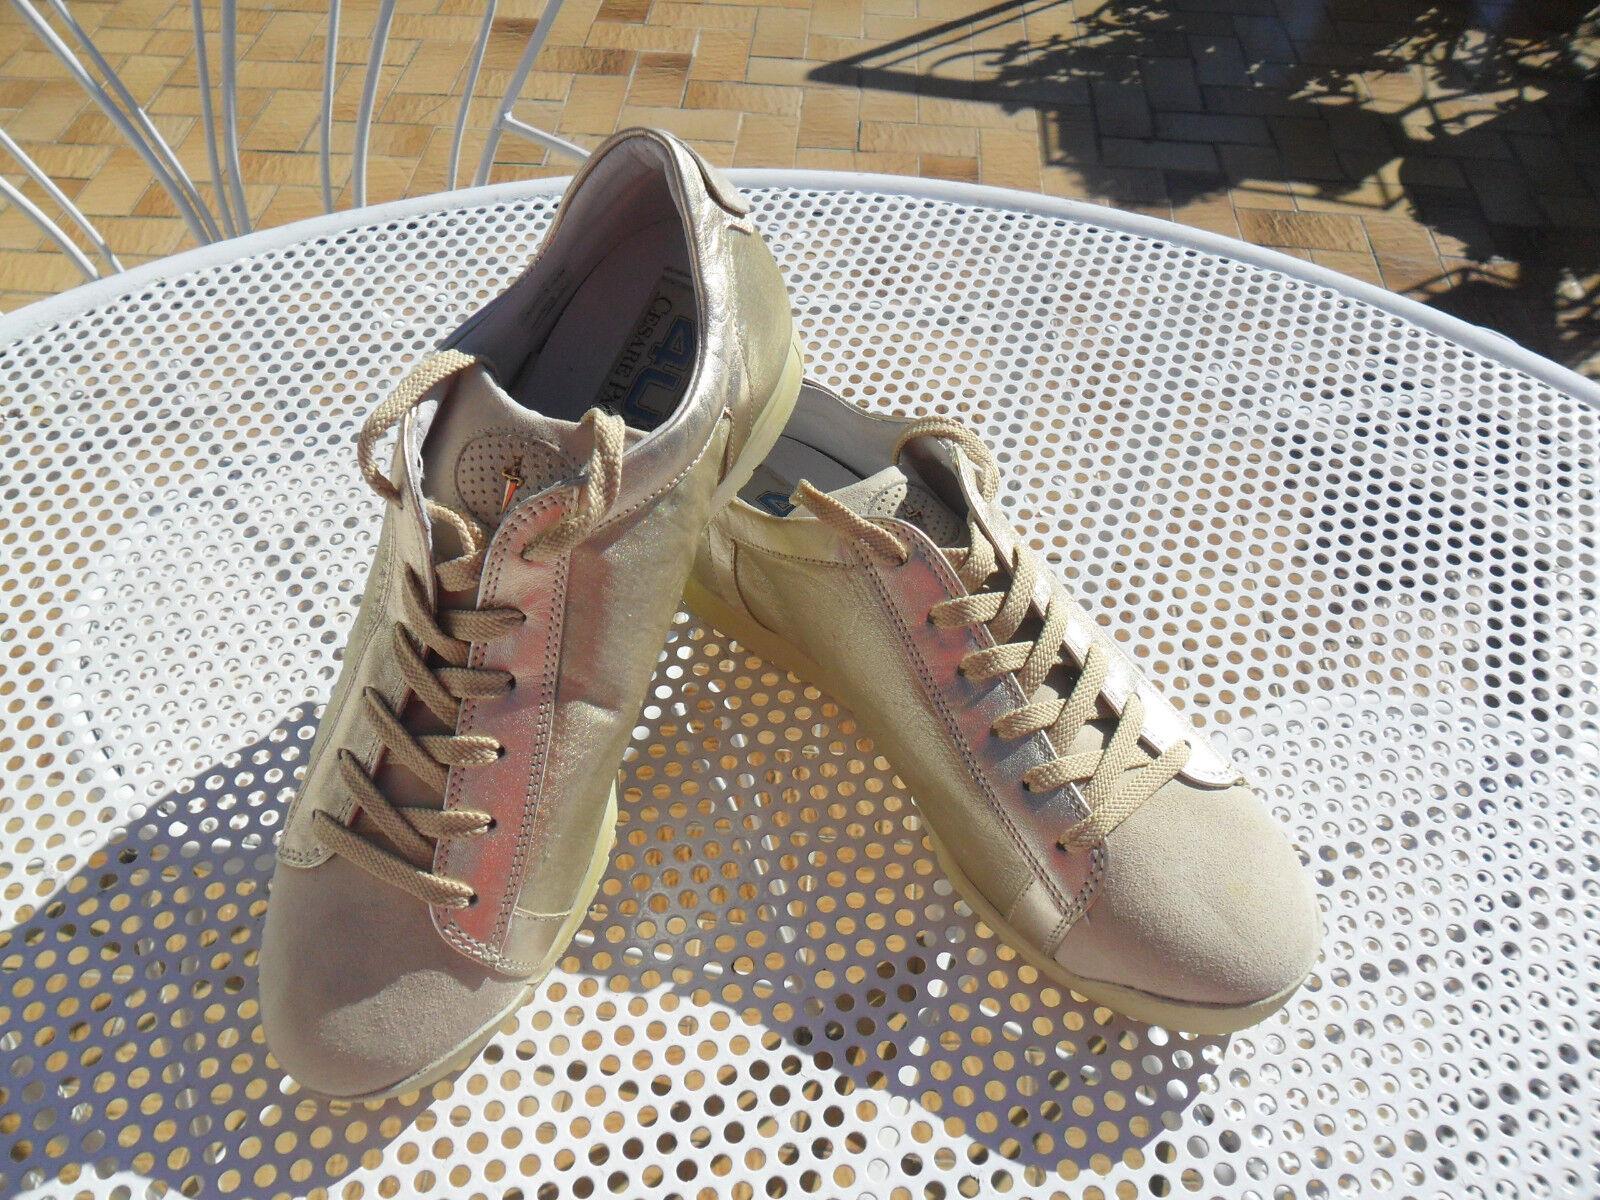 aca4017350 Scarpe CESARE PACIOTTI 4US-scarpe da ginnastica scarpe scarpe scarpe Unisex  Mocassini Pelle Tessuto n.38 | acquisto speciale | Uomini/Donna Scarpa  a5ce49